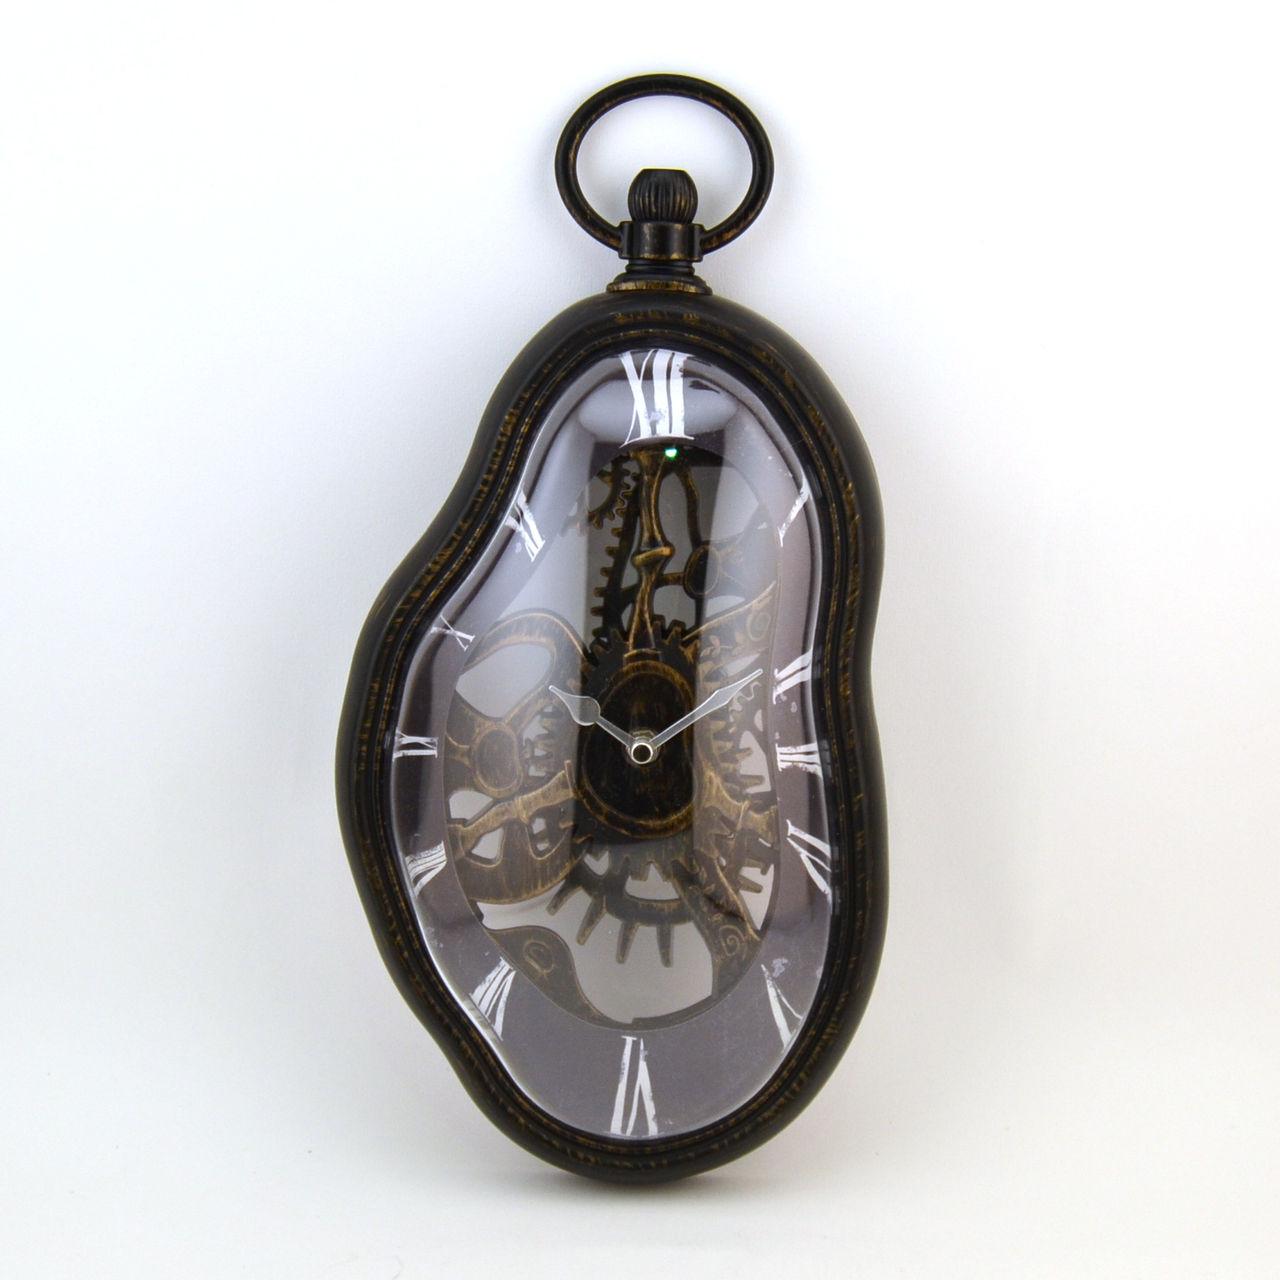 boutique la maison les accessoires horloges r veil horloge murale dali vintage. Black Bedroom Furniture Sets. Home Design Ideas